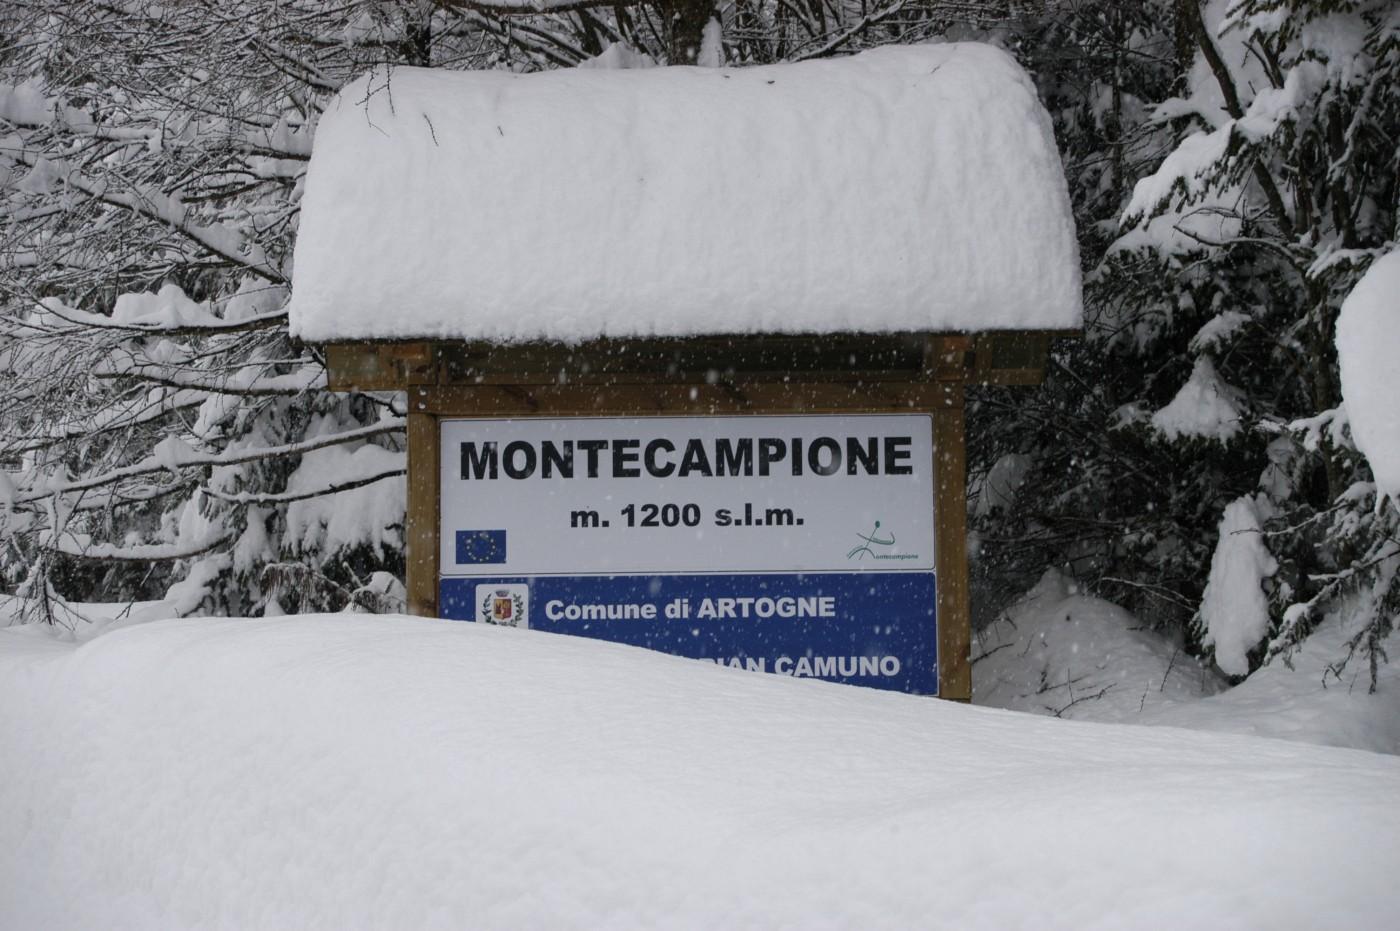 Montecampione